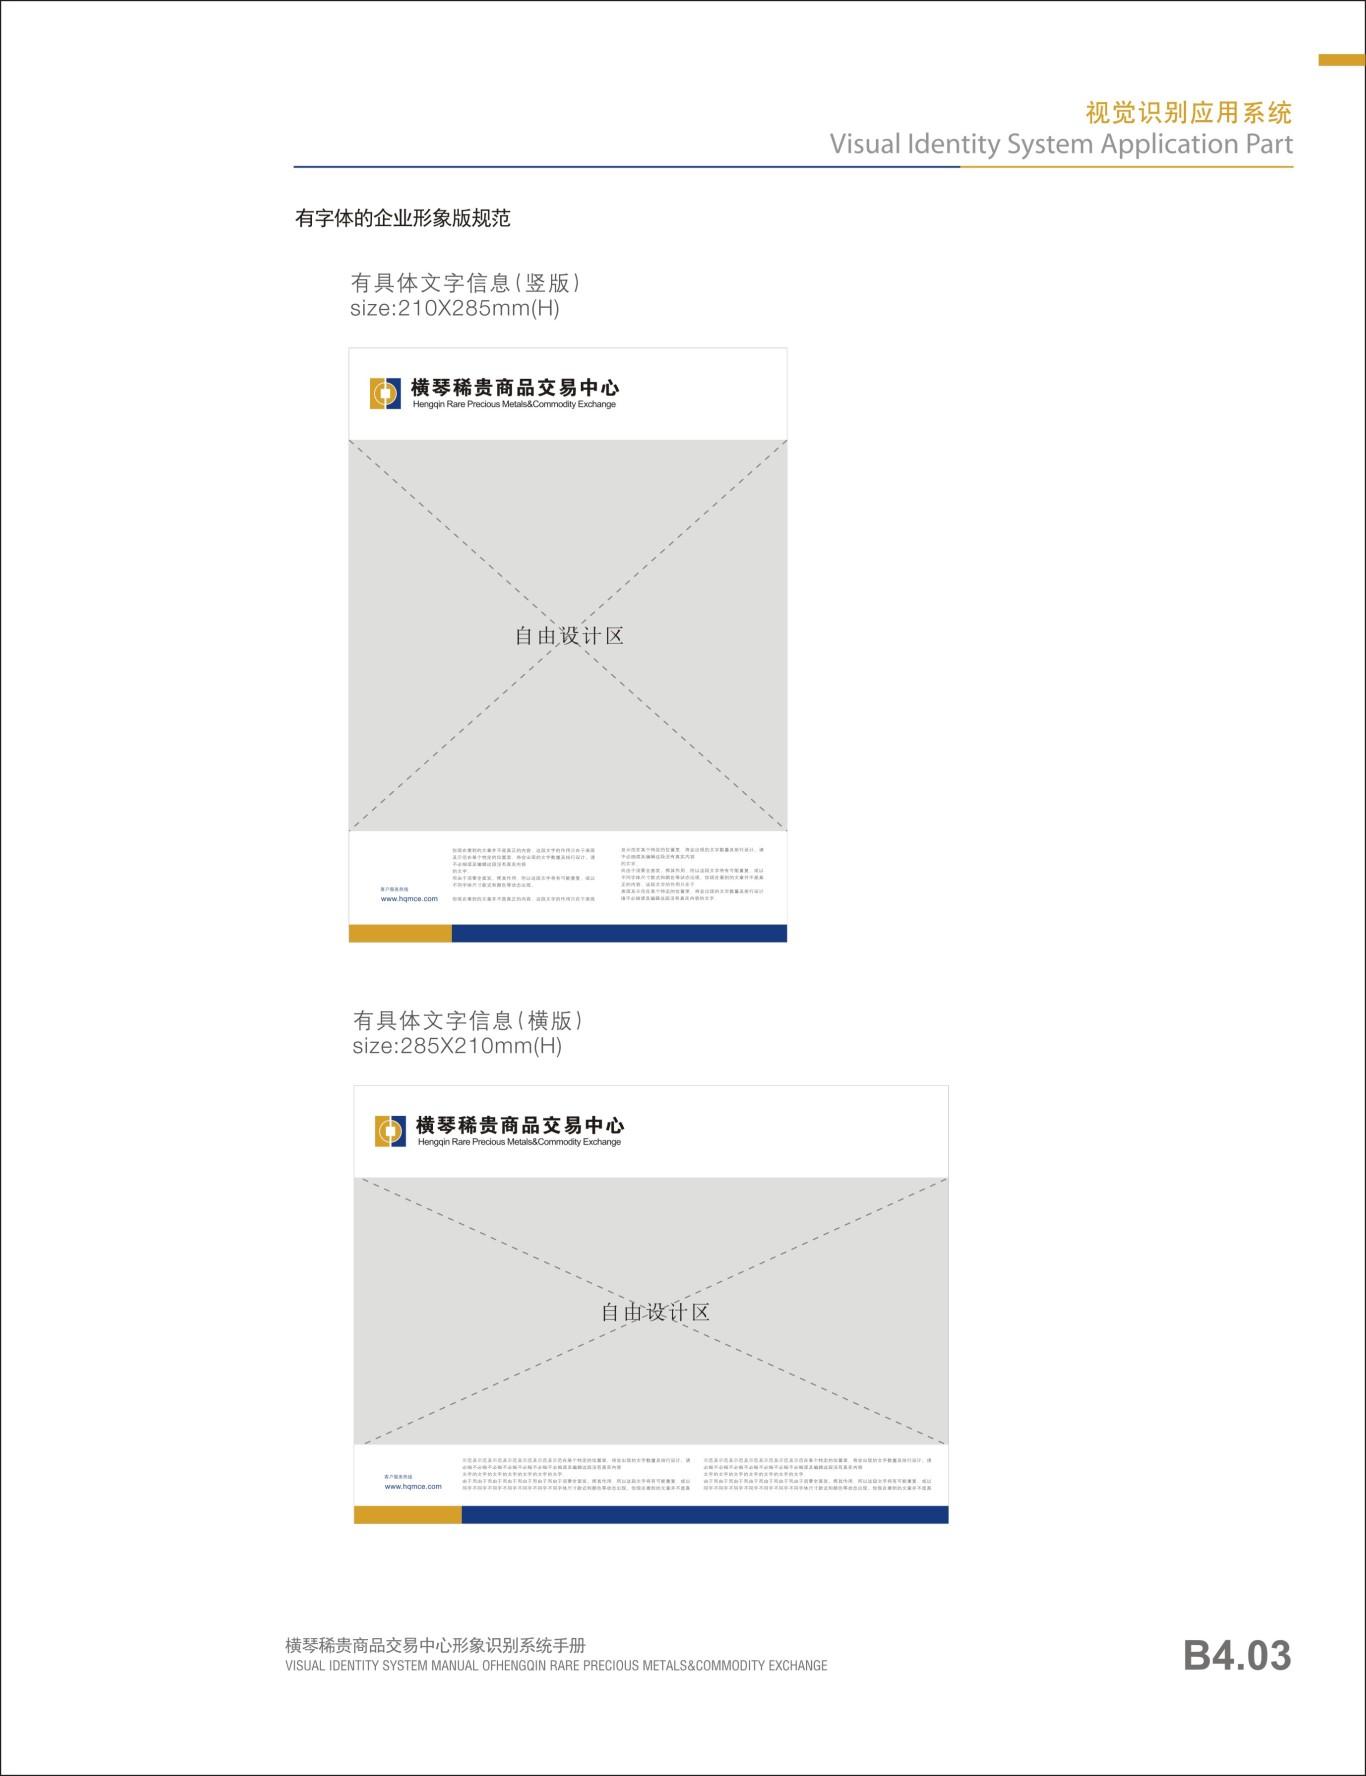 贵金属行业横琴稀贵VI手册设计图30